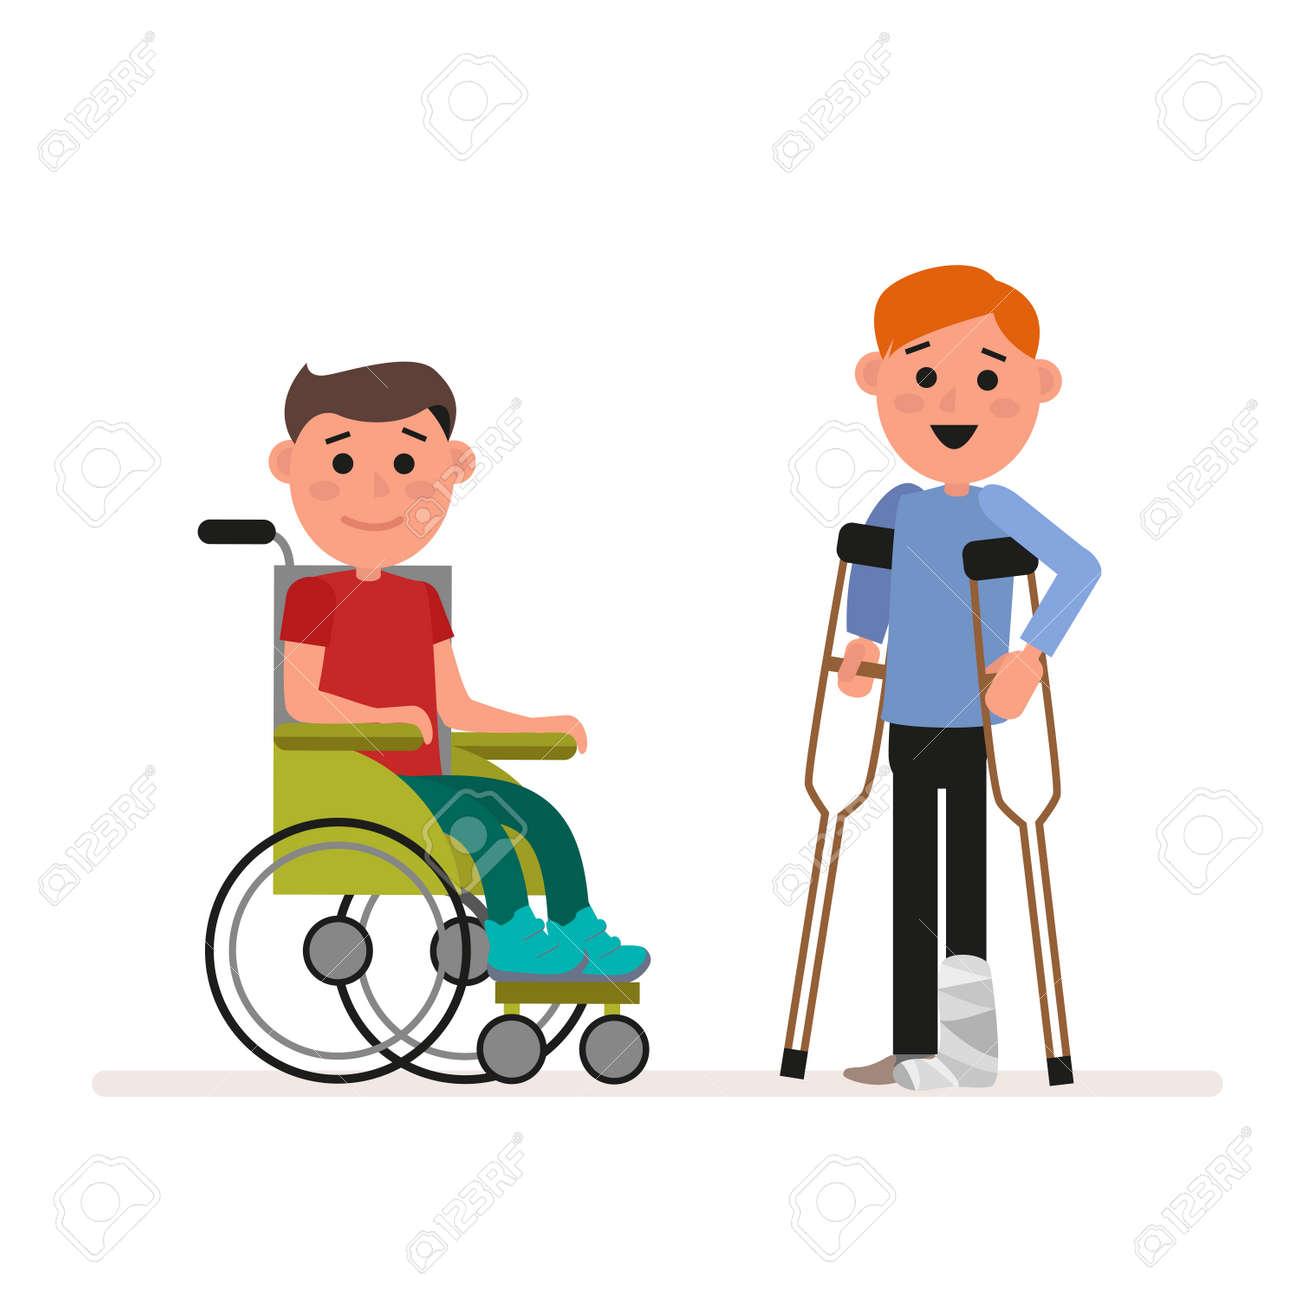 Niños con necesidades especiales o niños discapacitados. El muchacho está sentándose en una silla de ruedas. El niño está de pie con muletas.